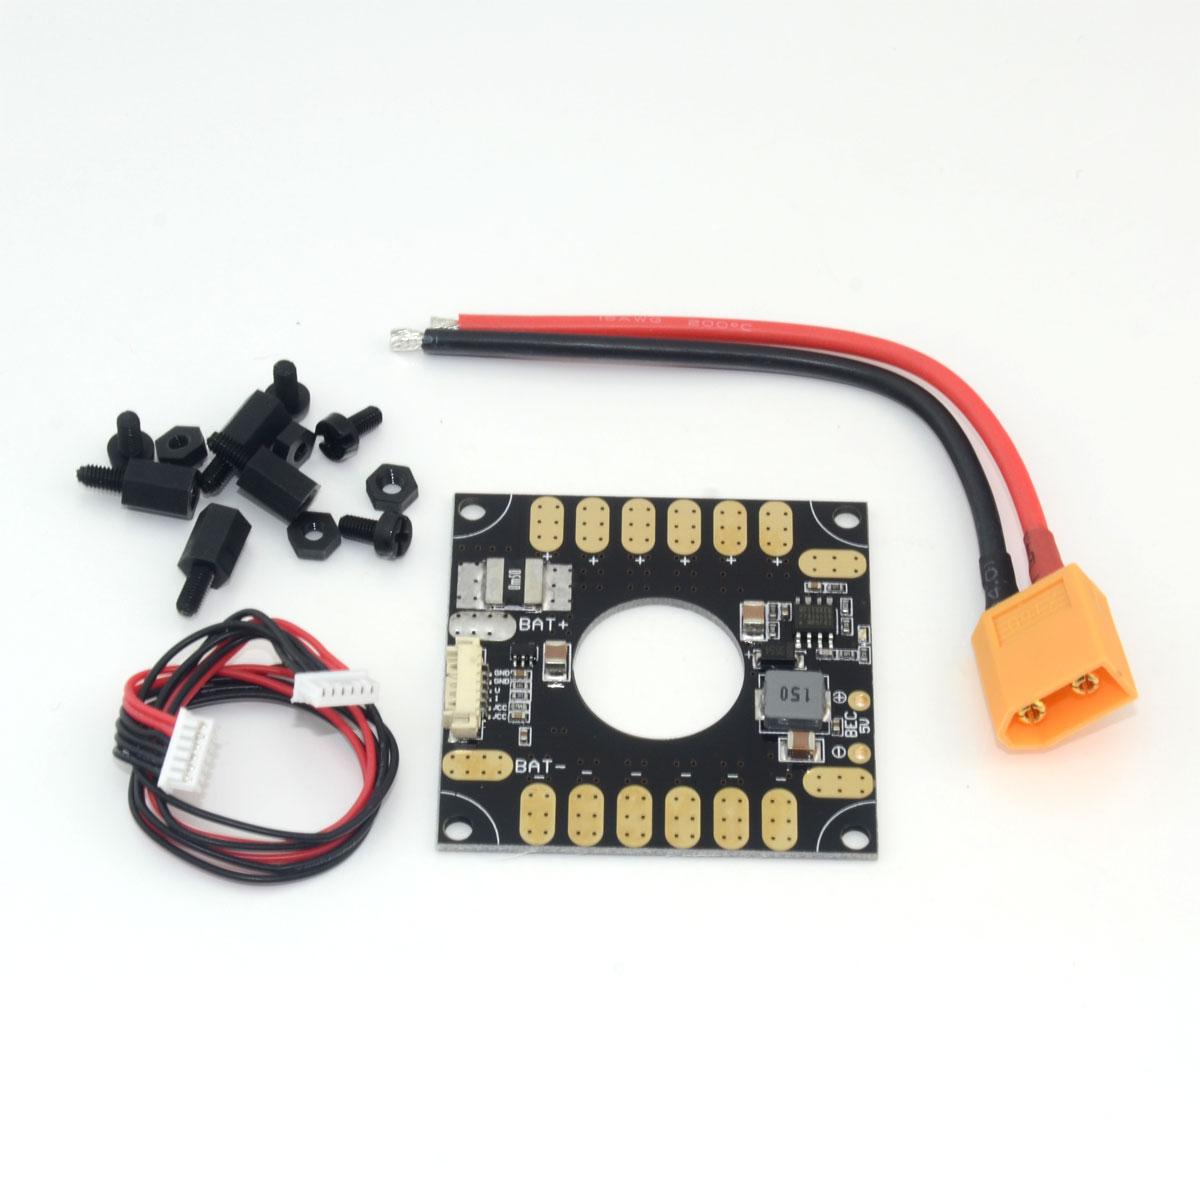 3DR módulo de alimentación ESC junta de distribución 5 V BEC 3in1 para APM y pixhawk PX4 RC